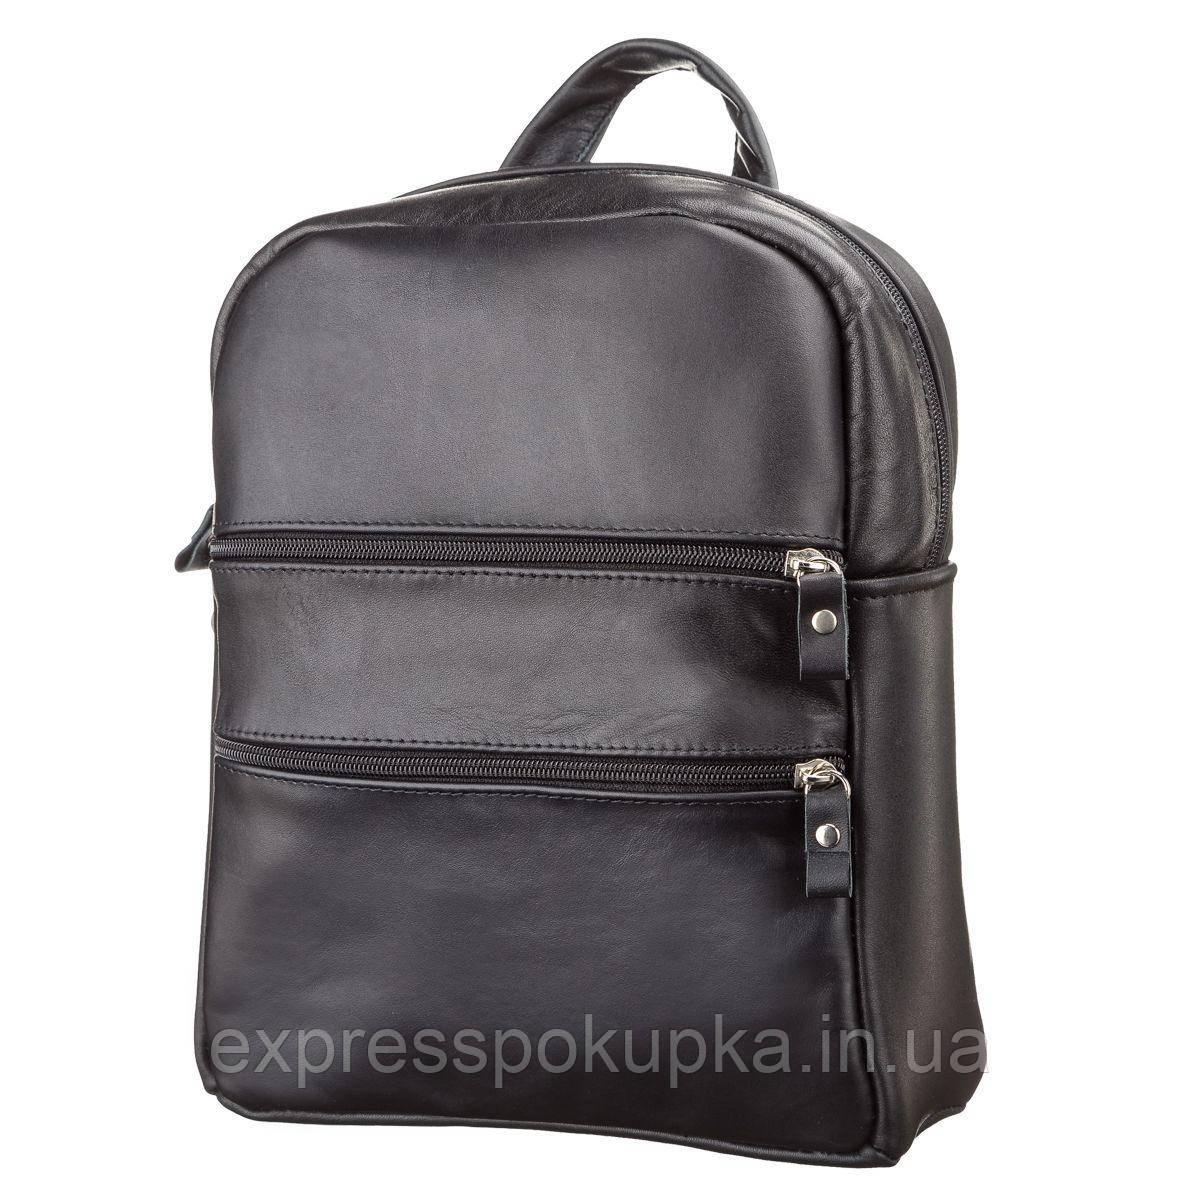 c2abb294b924 Рюкзак женский SHVIGEL 15304 кожаный Черный, Черный: продажа, цена в ...